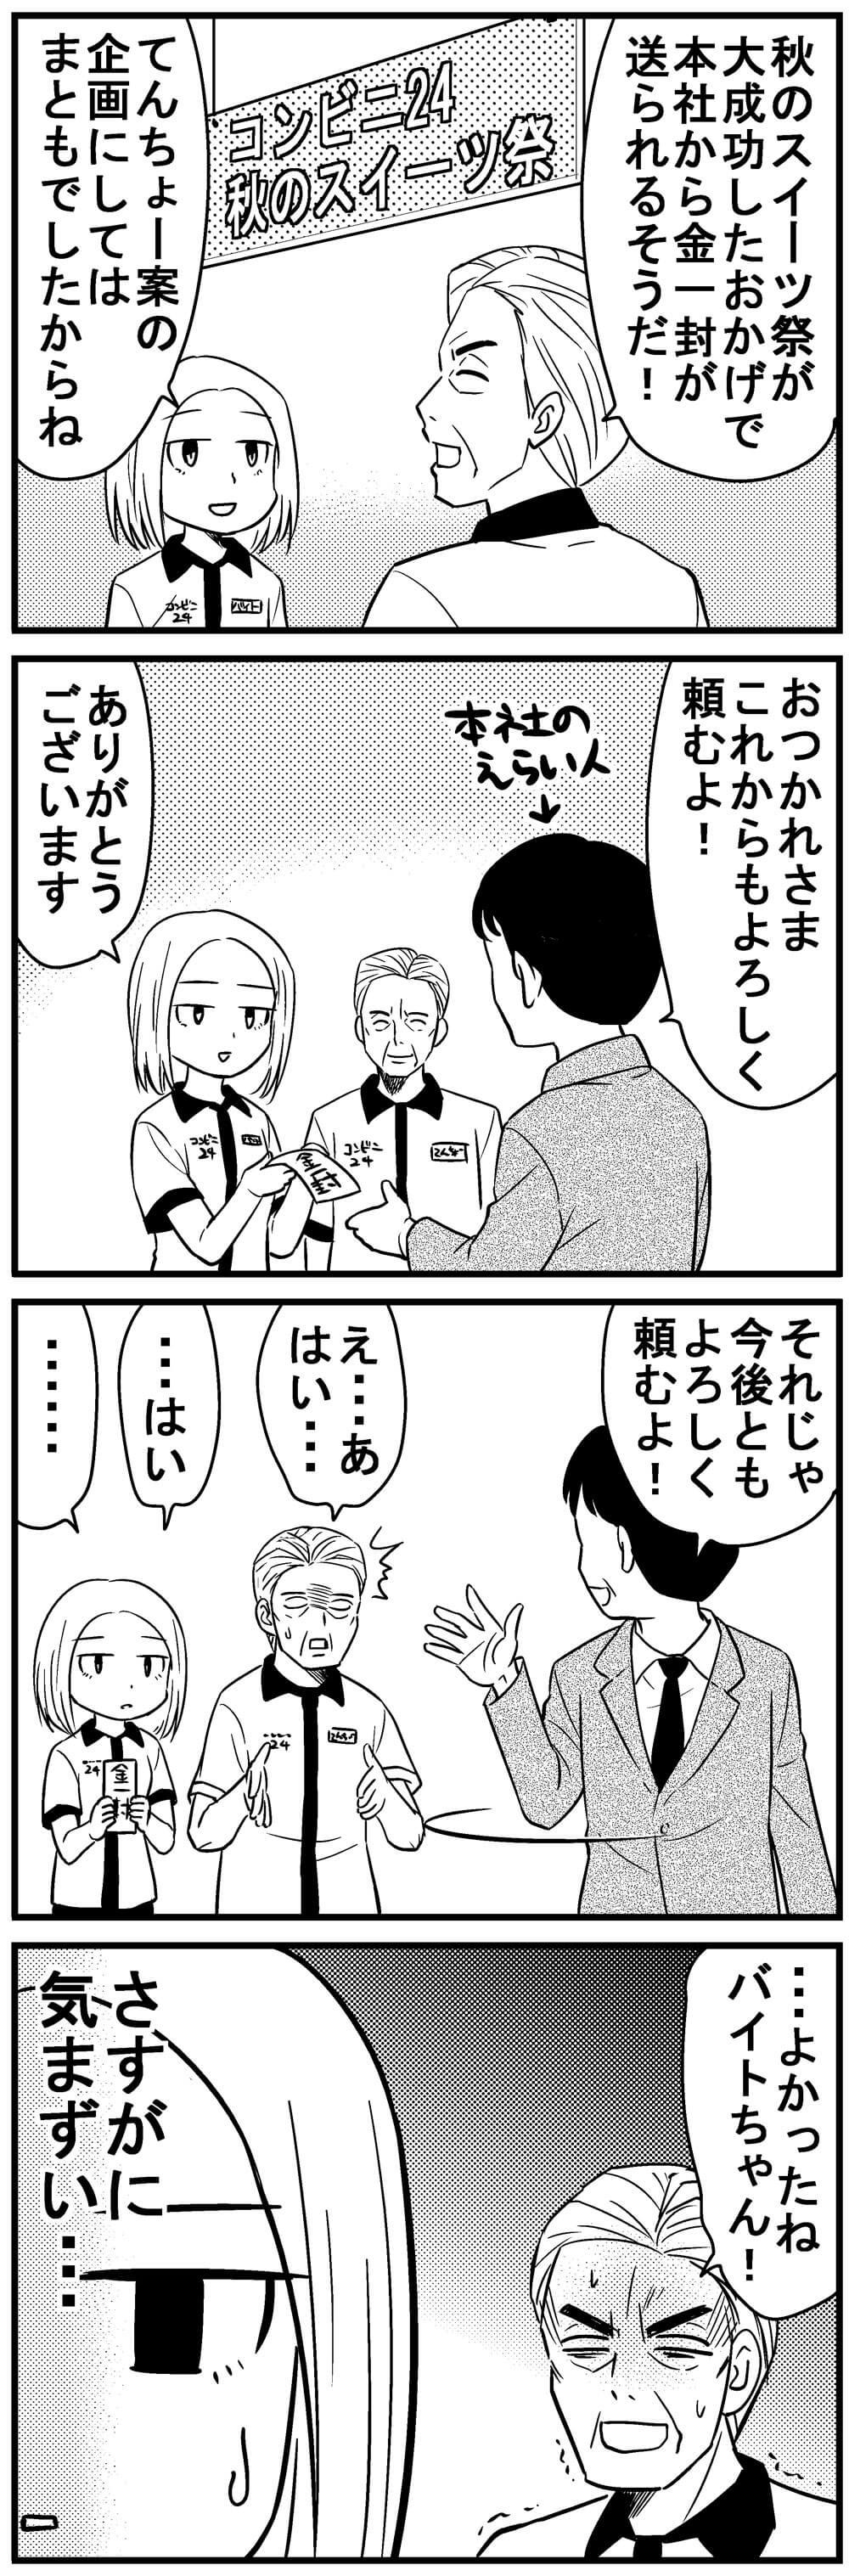 今日のてんちょー10,6-1